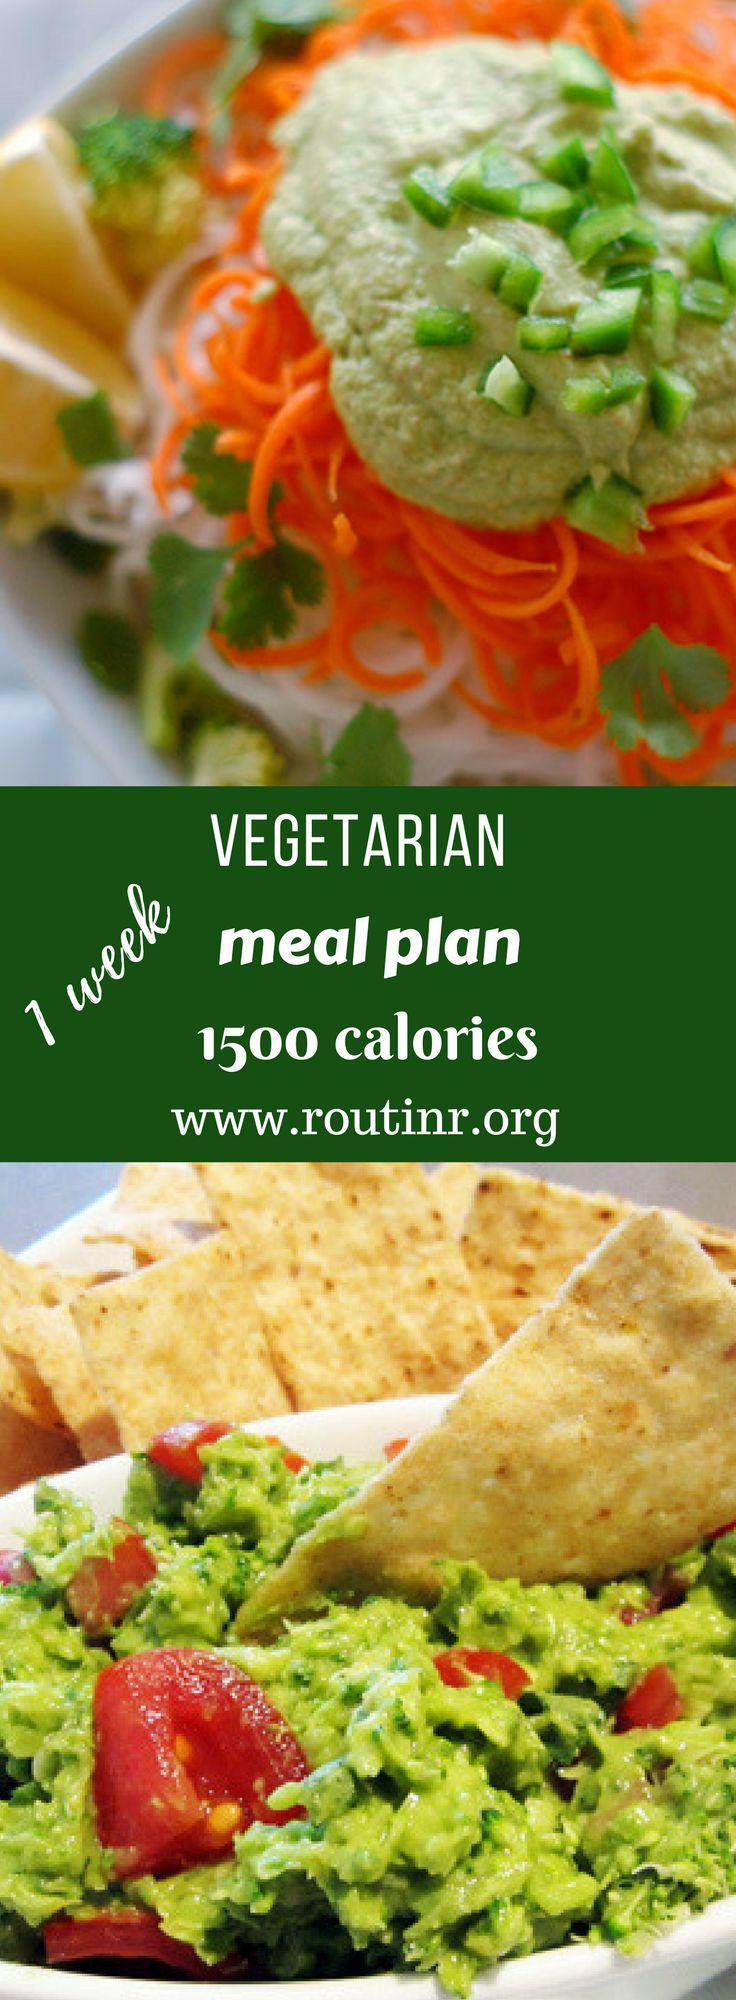 1500 calorie vegetarian meal plan pdf